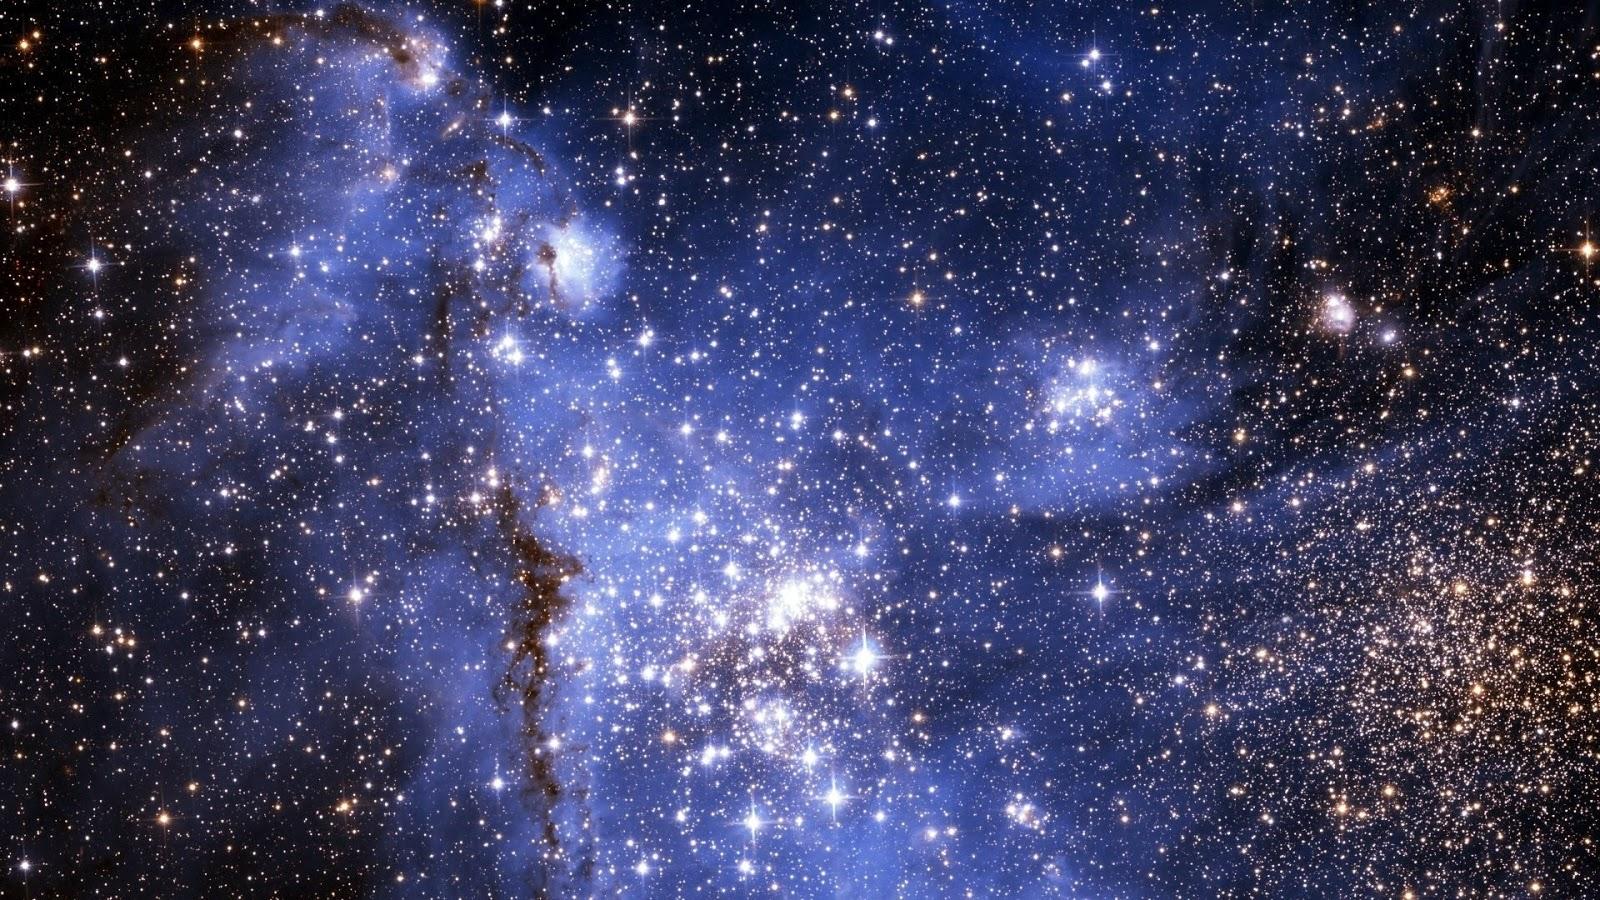 Hình ảnh dải ngân hà đẹp